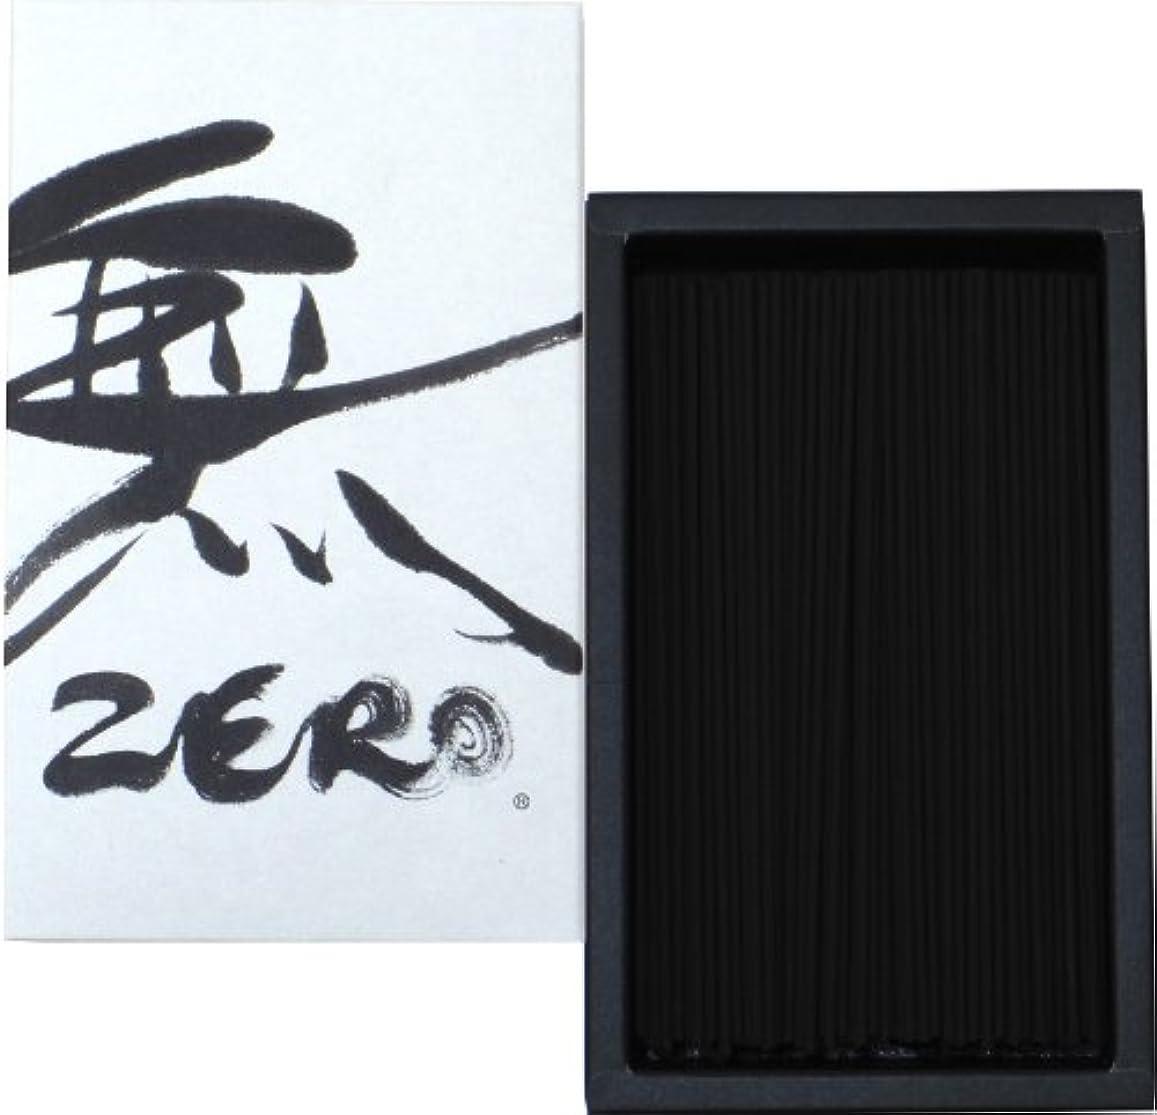 シャーロックホームズ測定スキーム丸叶むらたのお線香 無 ZERO(ゼロ)大バラ 約160g #ZR-01